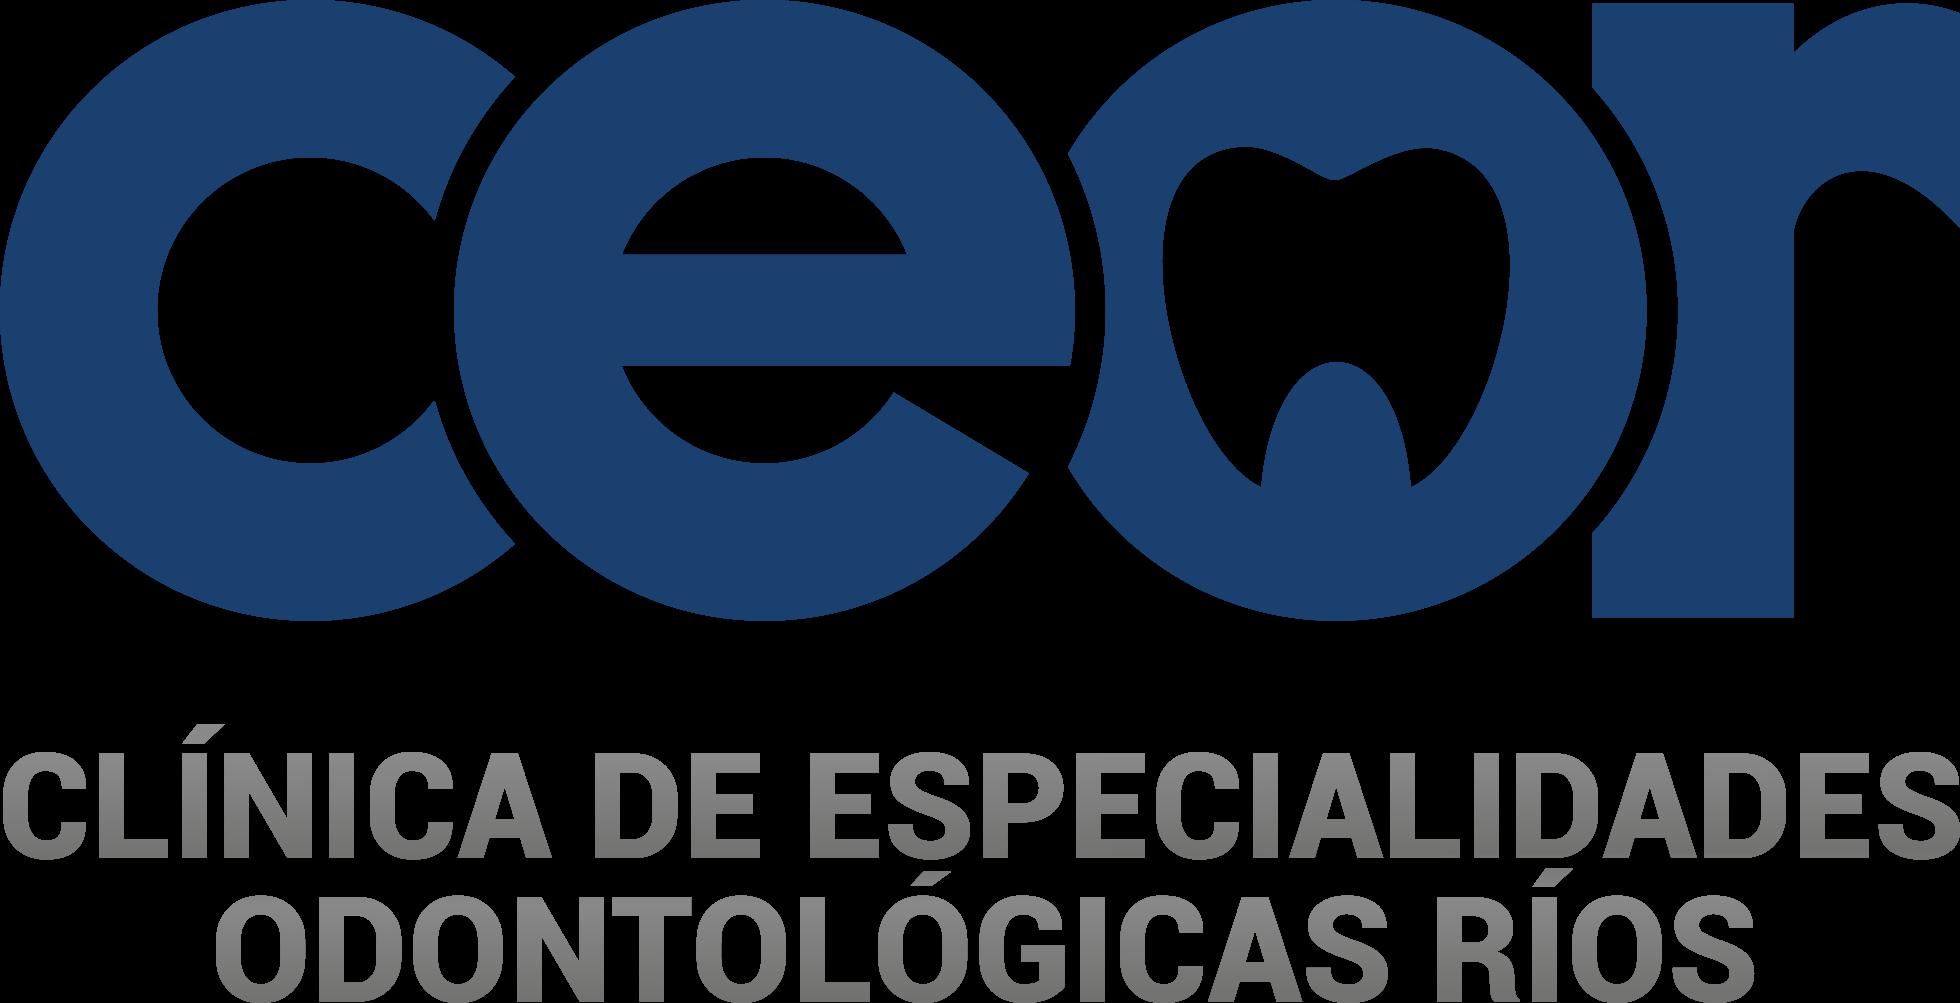 Logo CEOR 2018 2